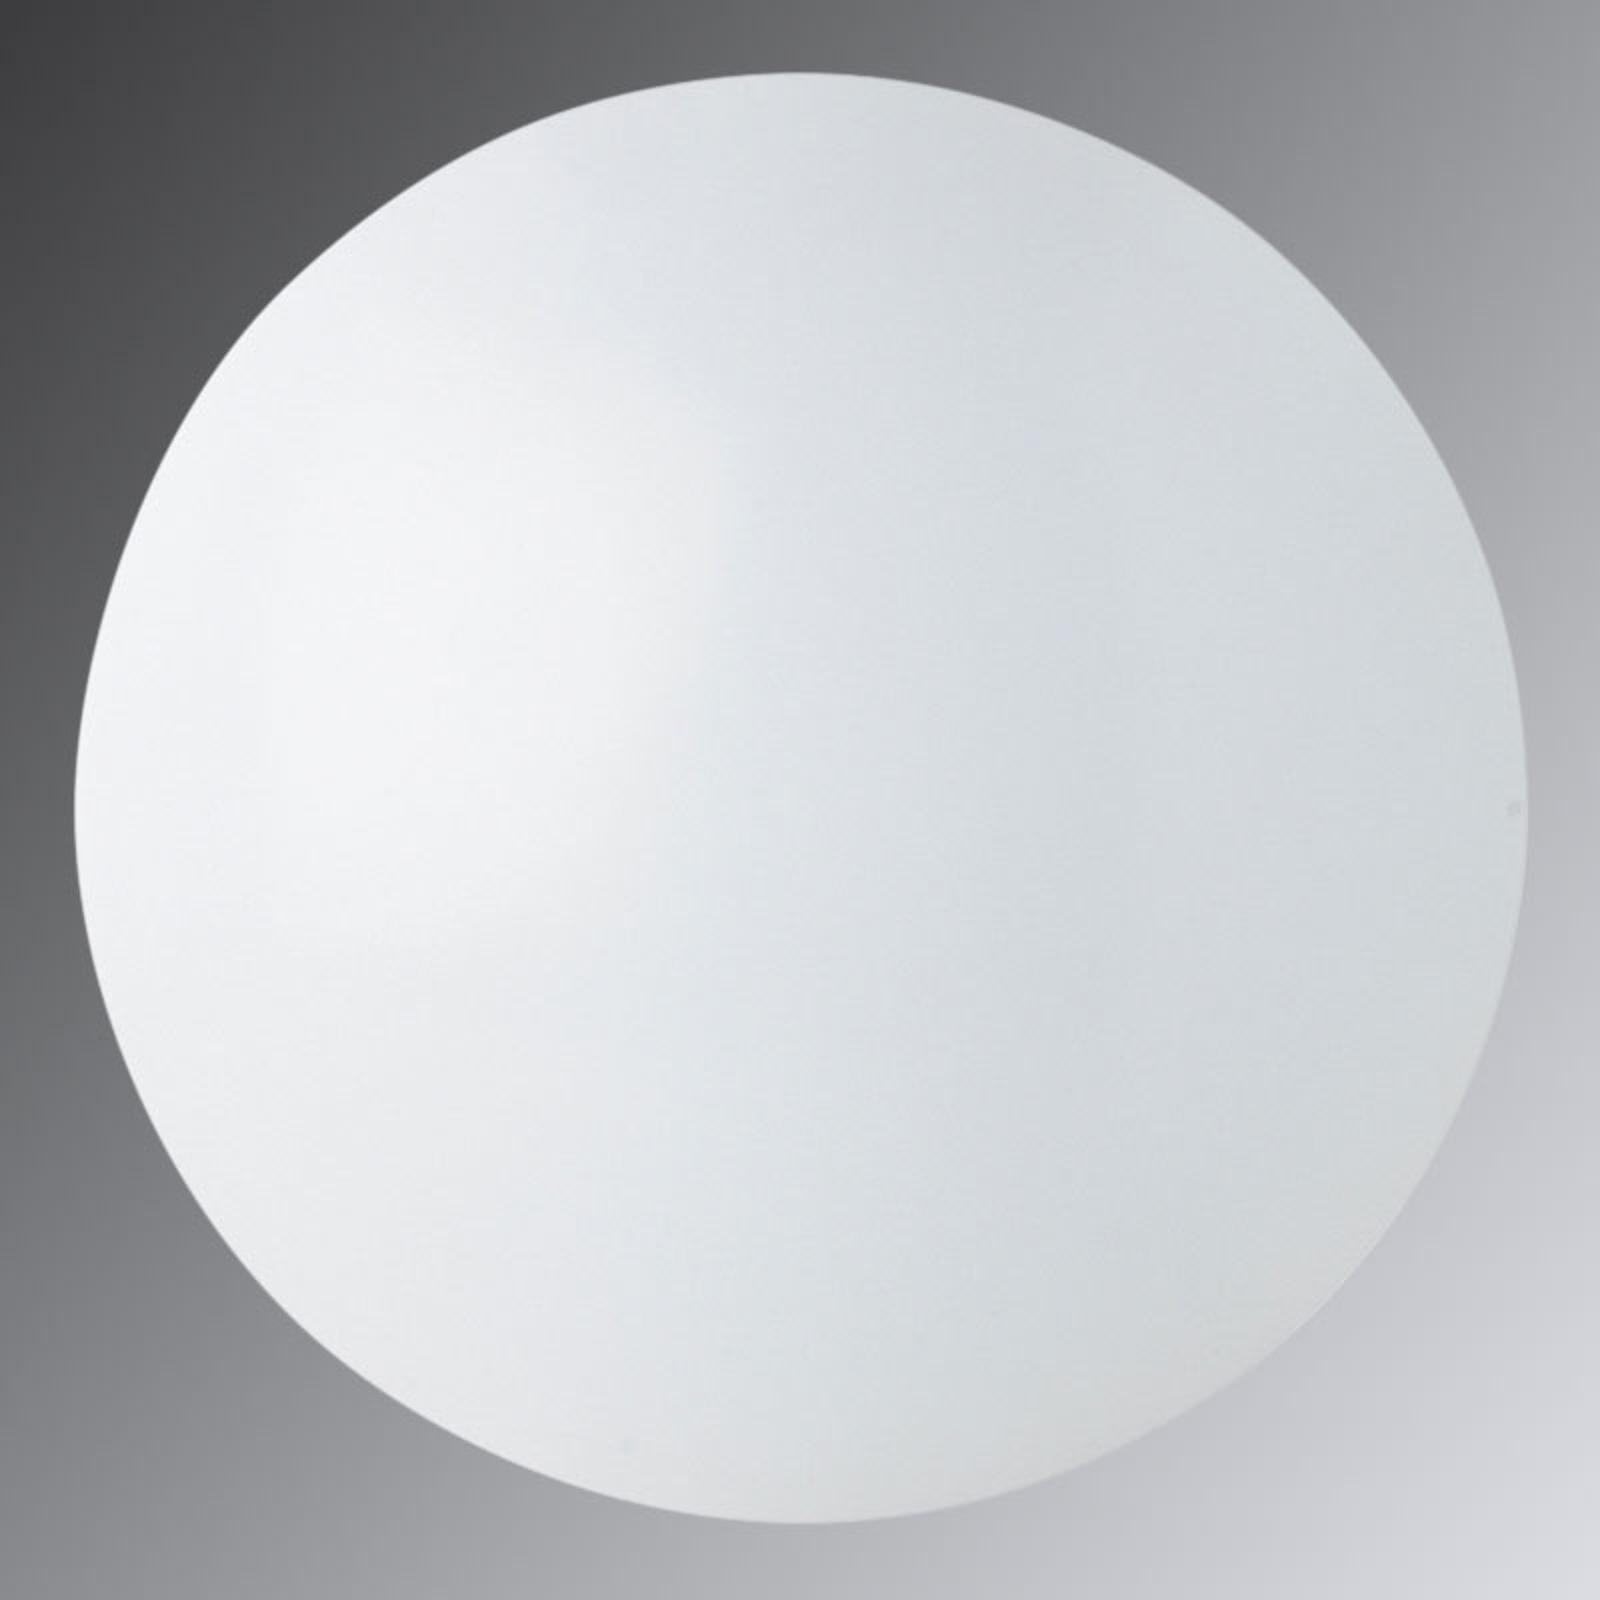 Wytrzymała lampa sufitowa LED Renzo, 22W, 4000 K